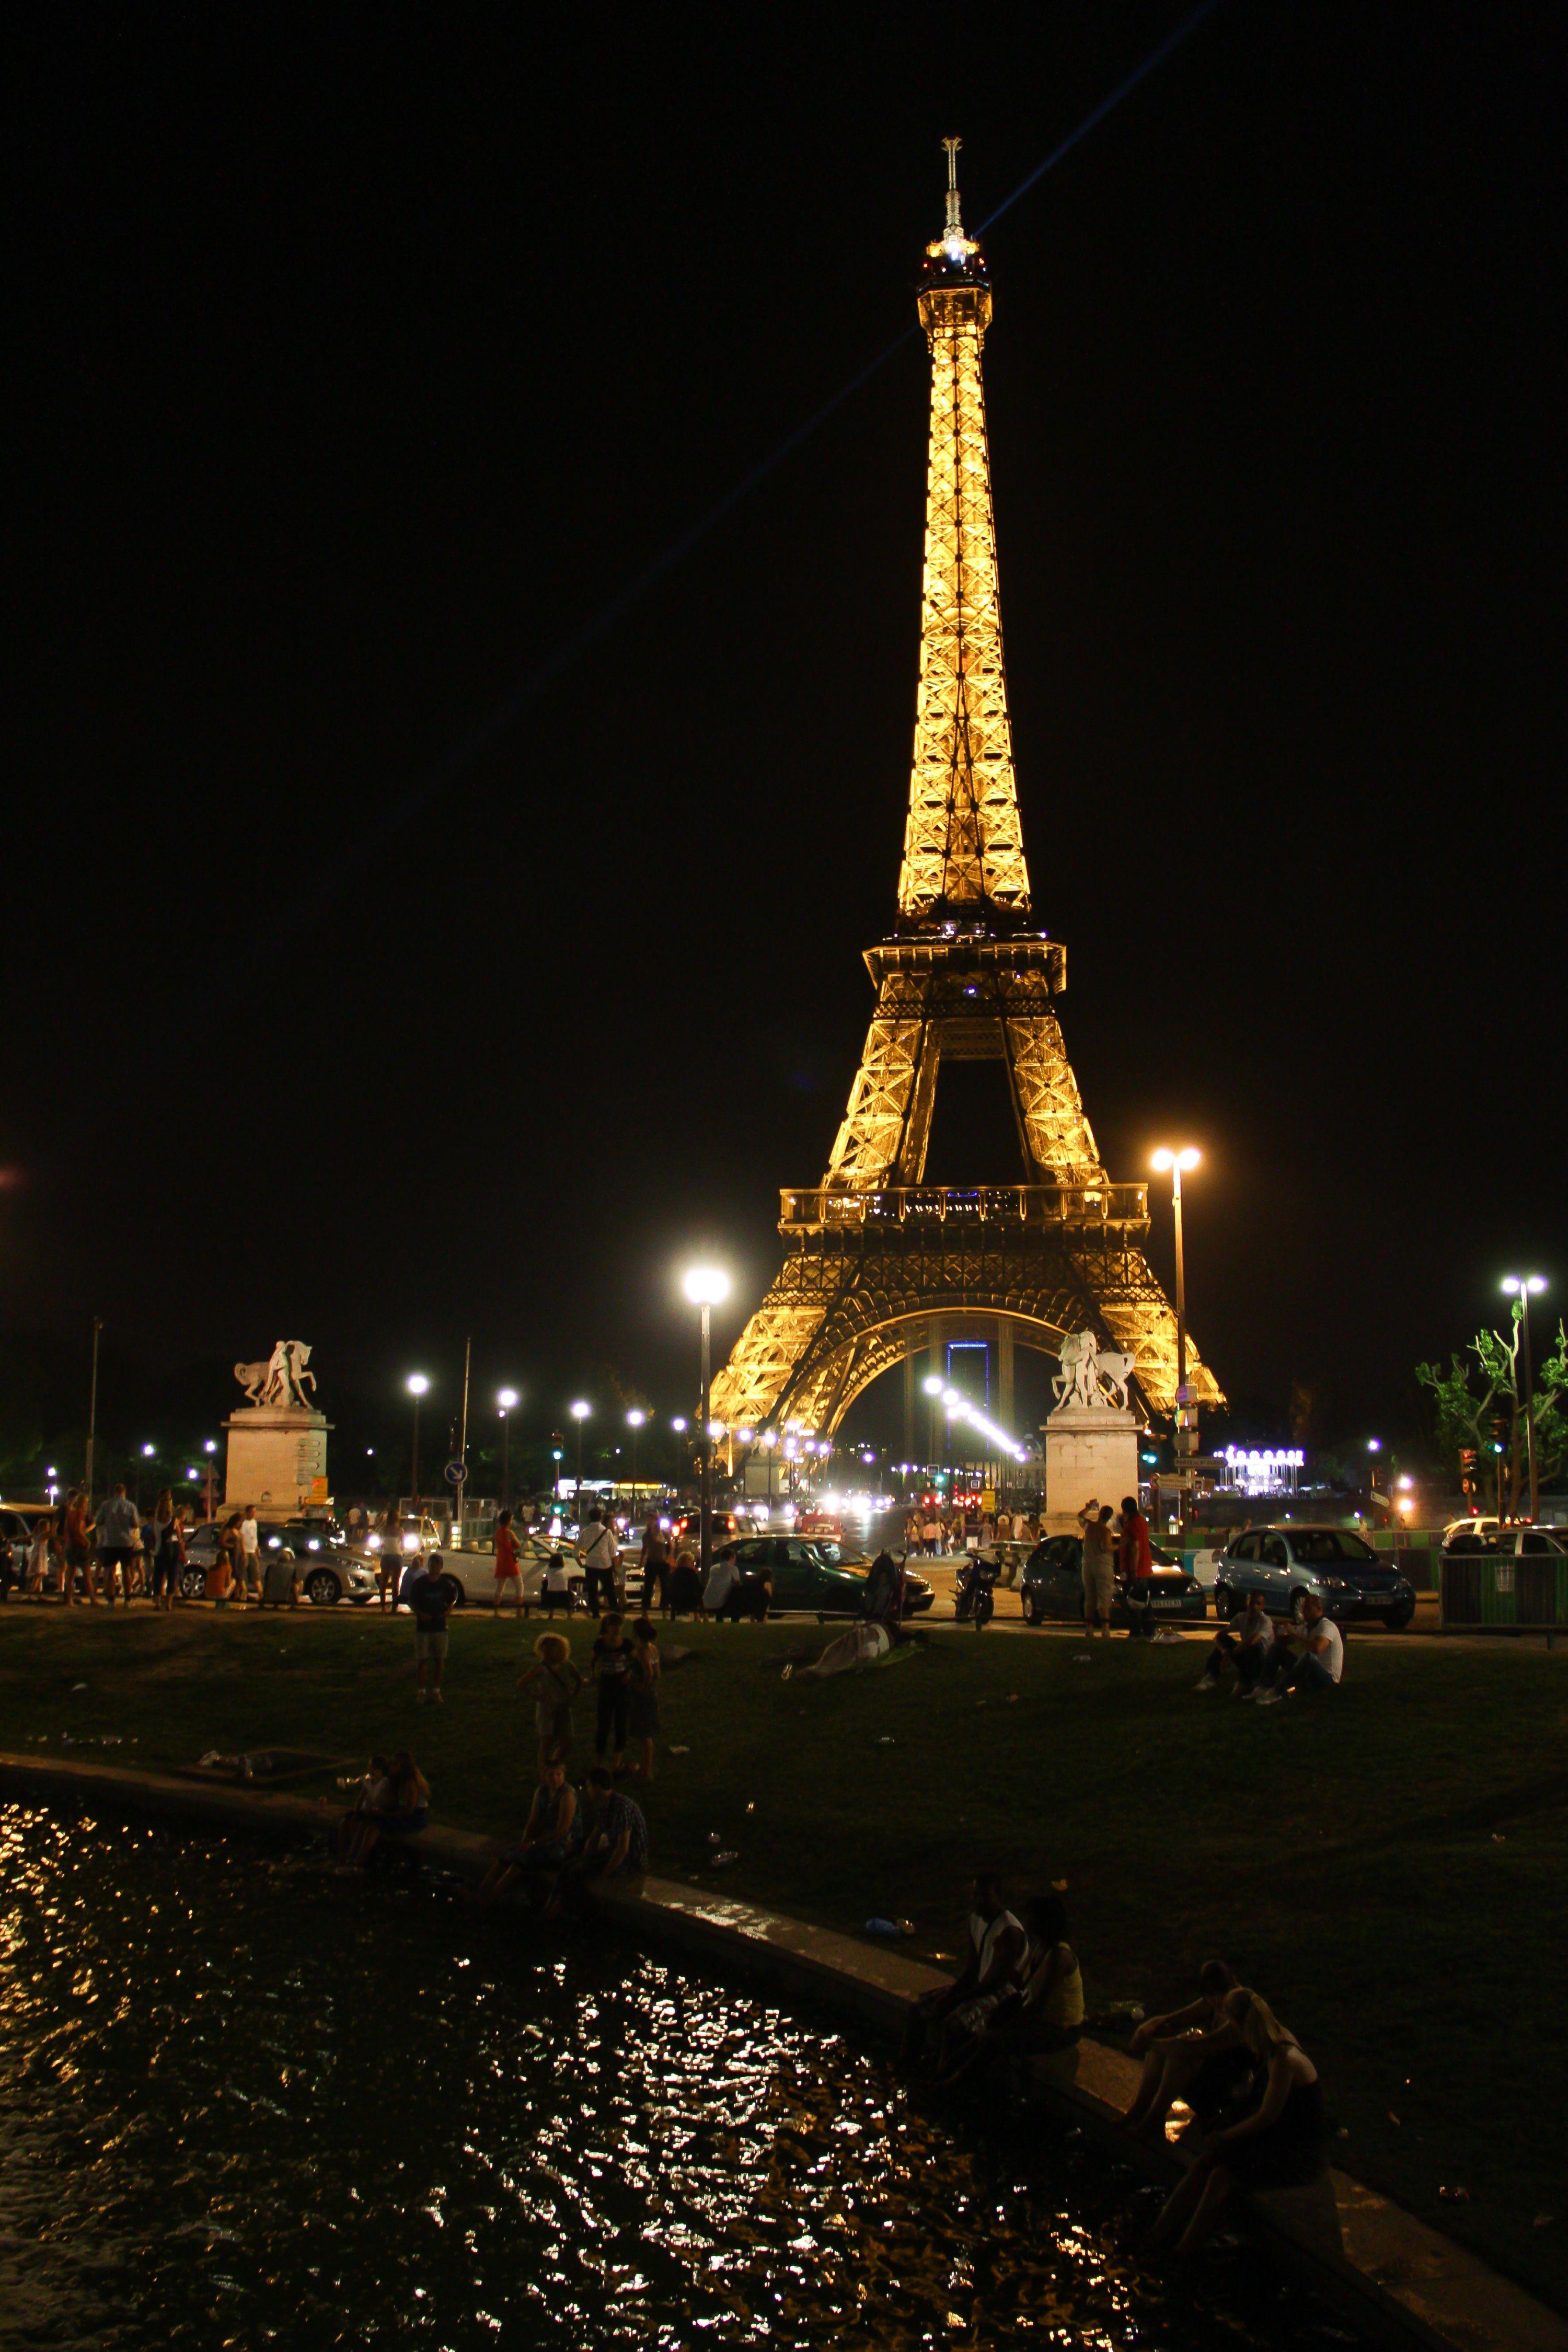 A construção finalizada em 1889 tem 324 metros de altura, sendo o edifício mais alto de Paris (Foto: Daniel Castellano/Gazeta do Povo)